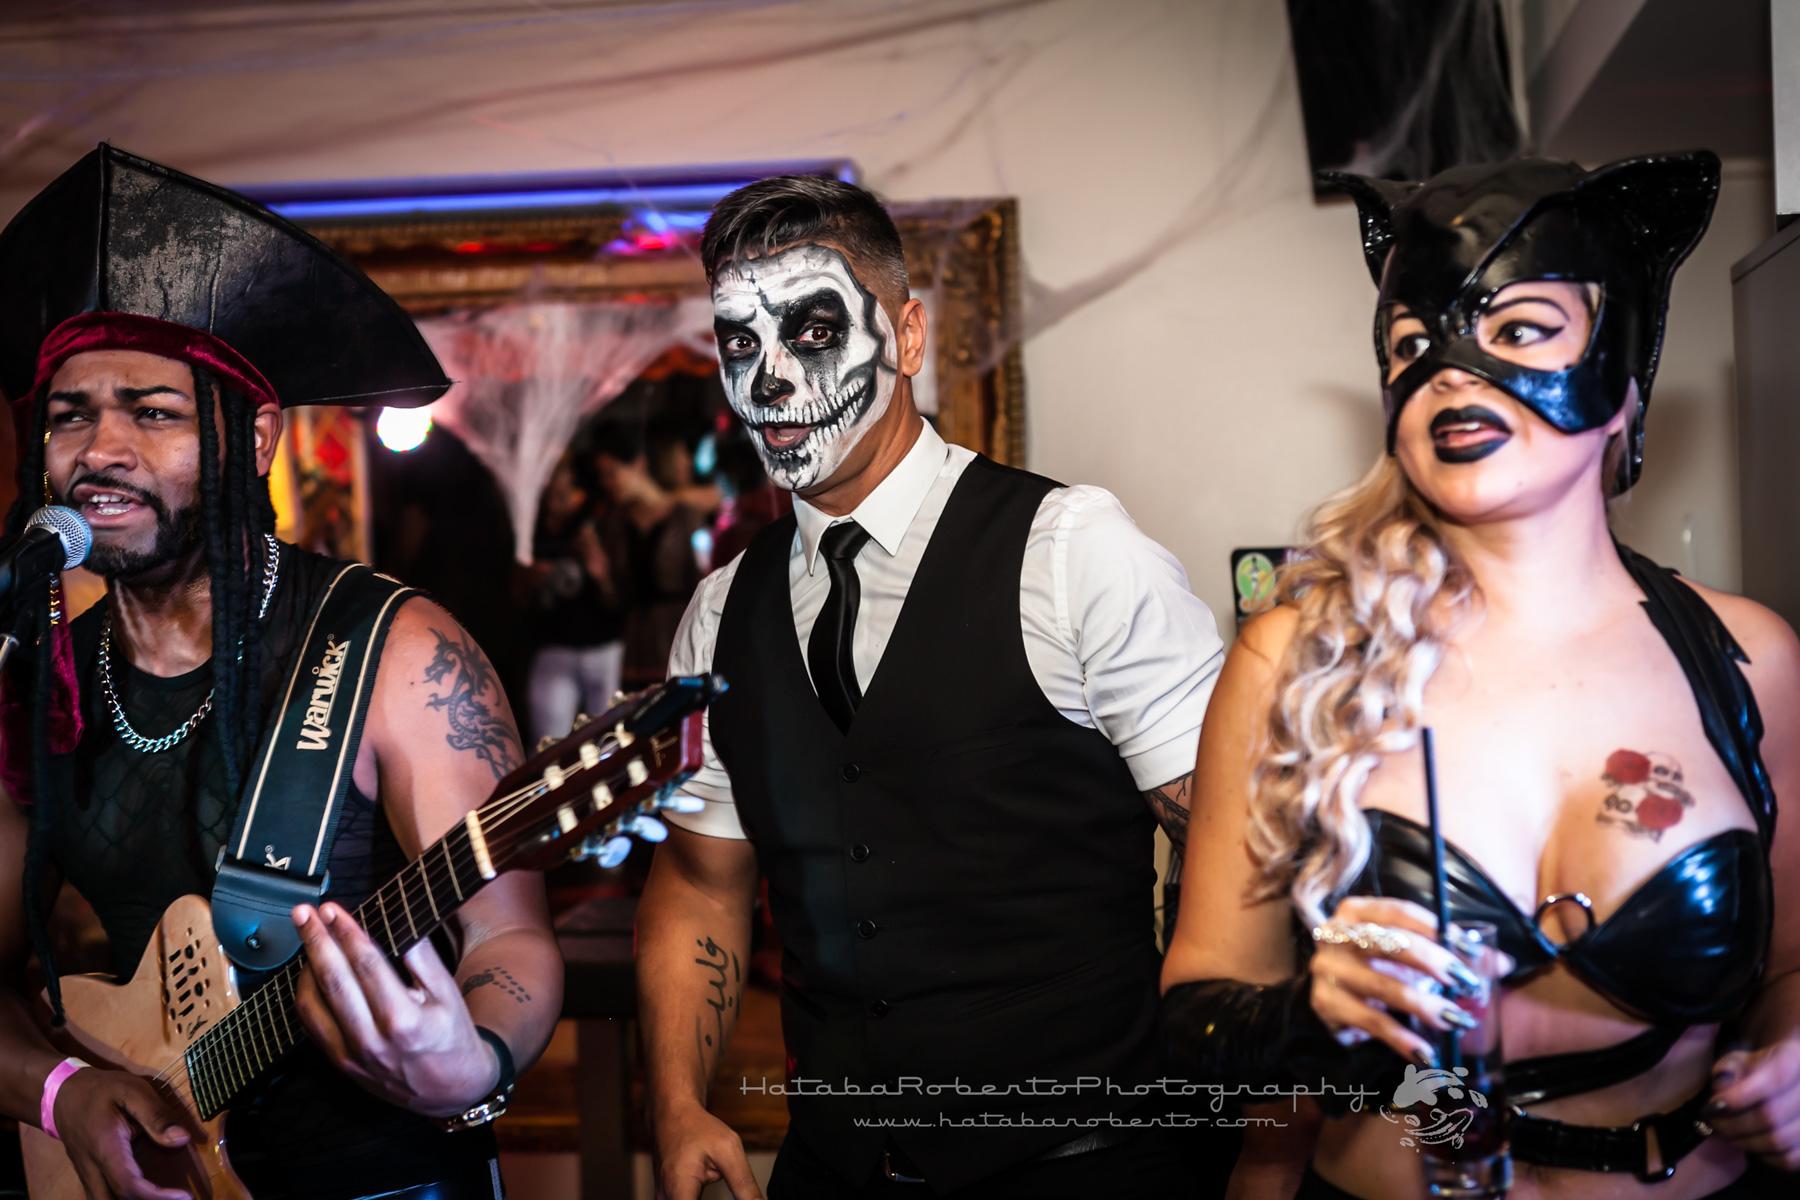 HalloweenHatabaRoberto-321-2